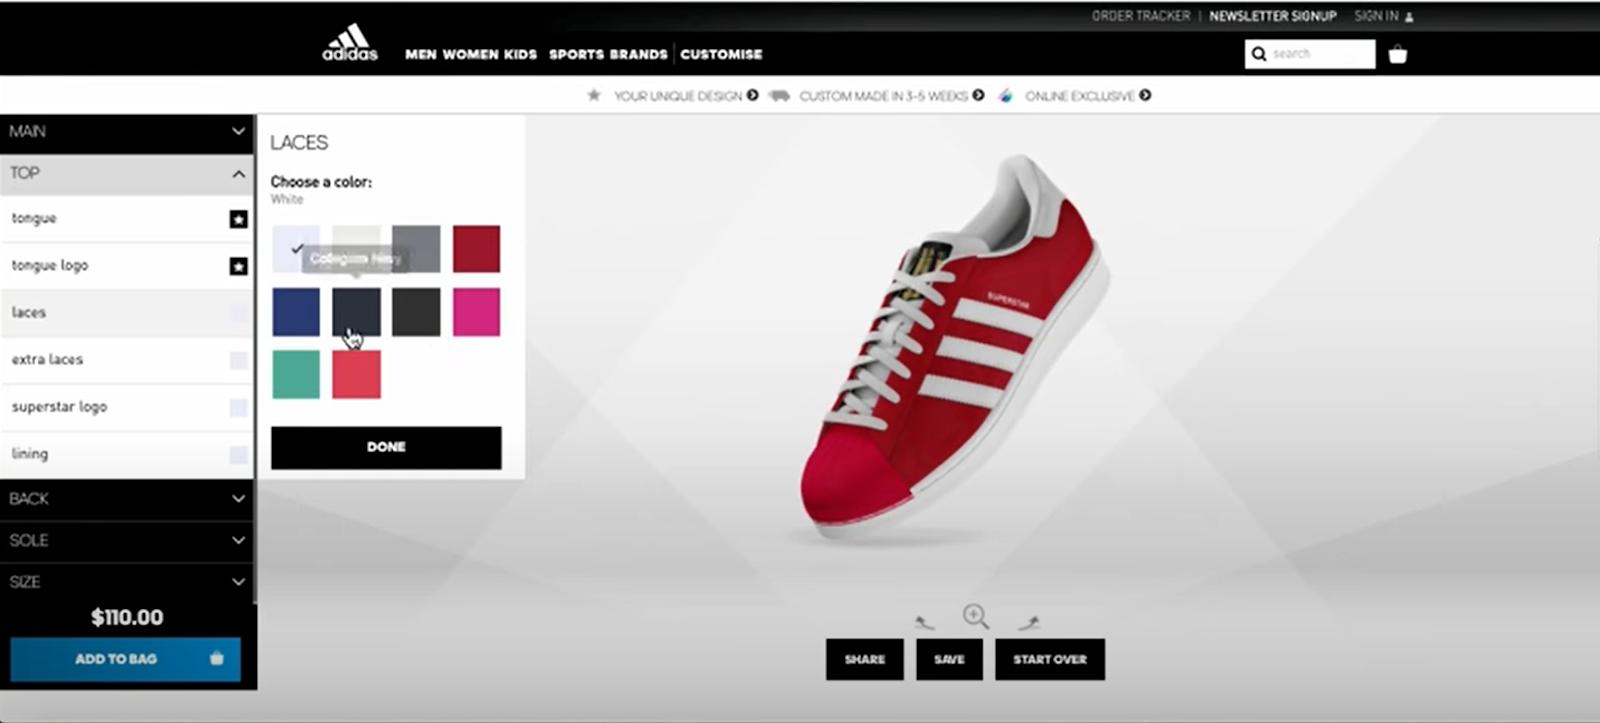 Commerce cloud Einstein to boosts brand value - Adidas shoe